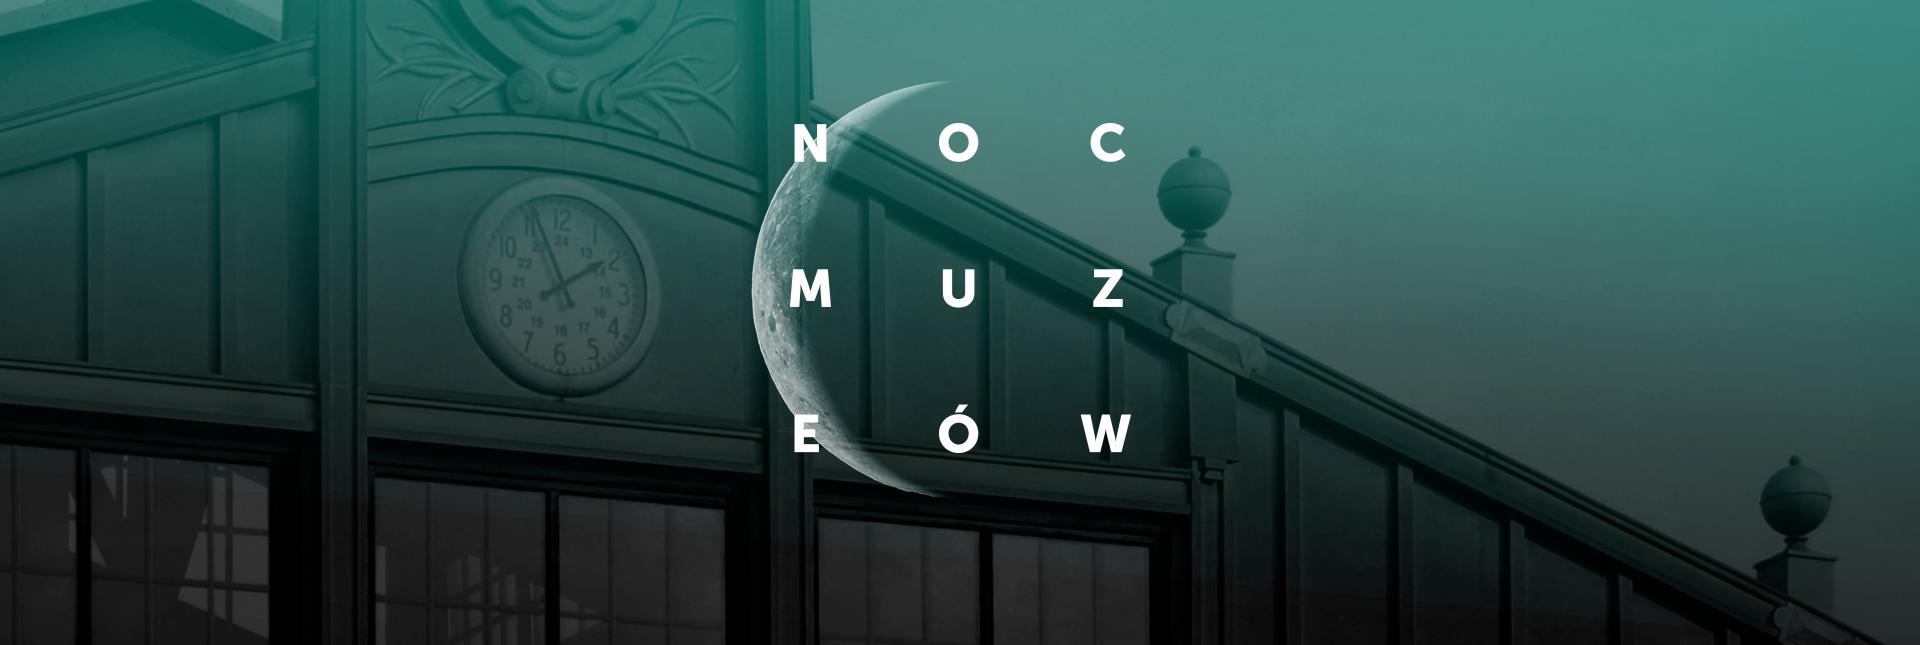 Krakowskie noce w niezwykłej graficznej odsłonie